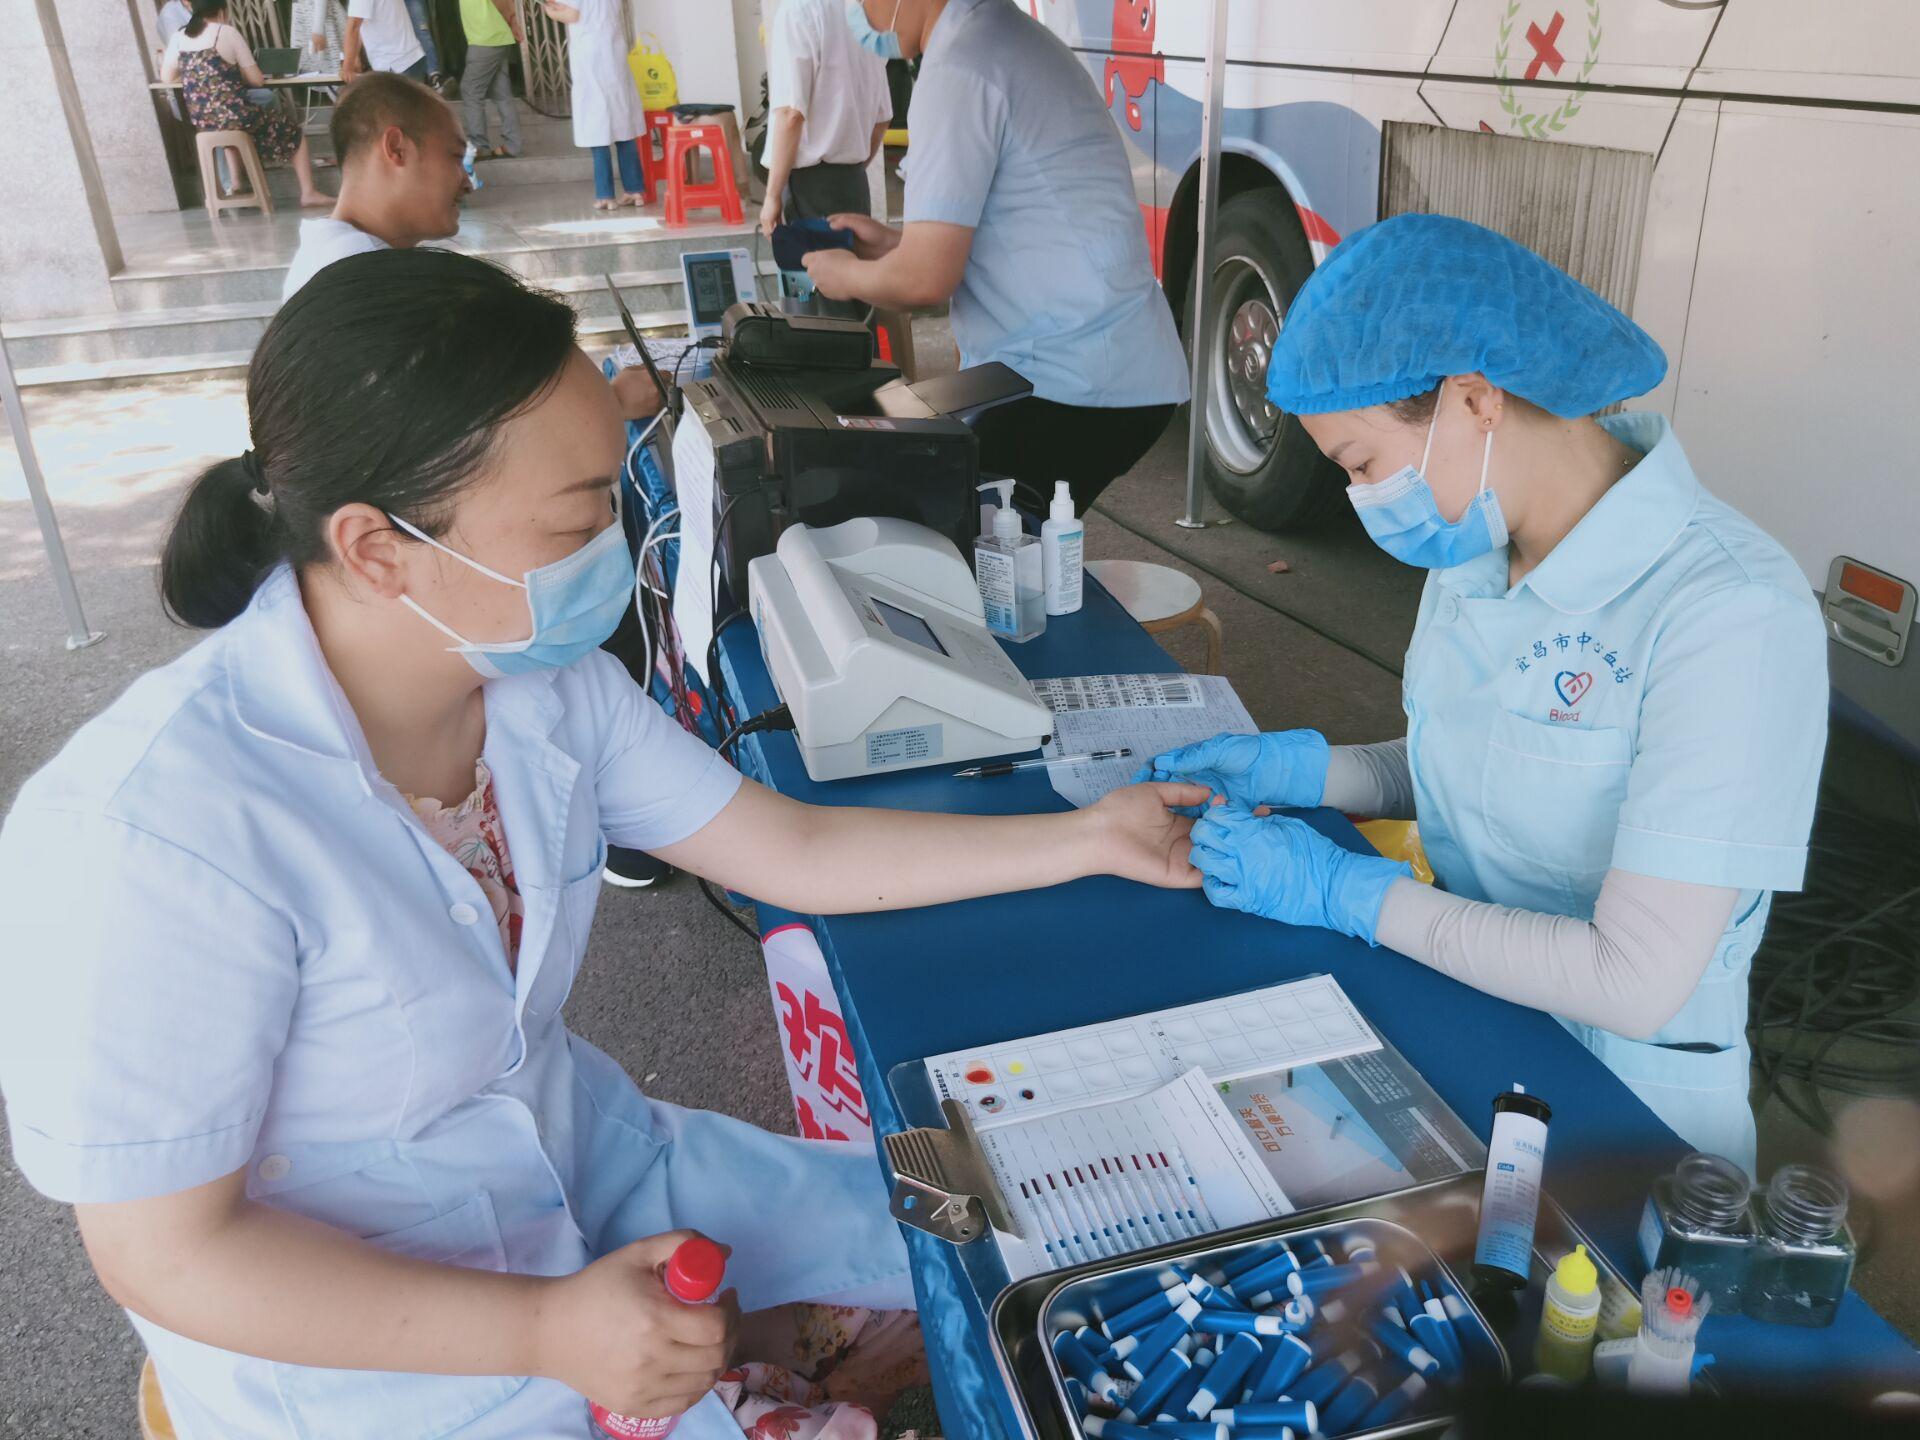 沙河社区开展义务献血活动 宜昌新闻